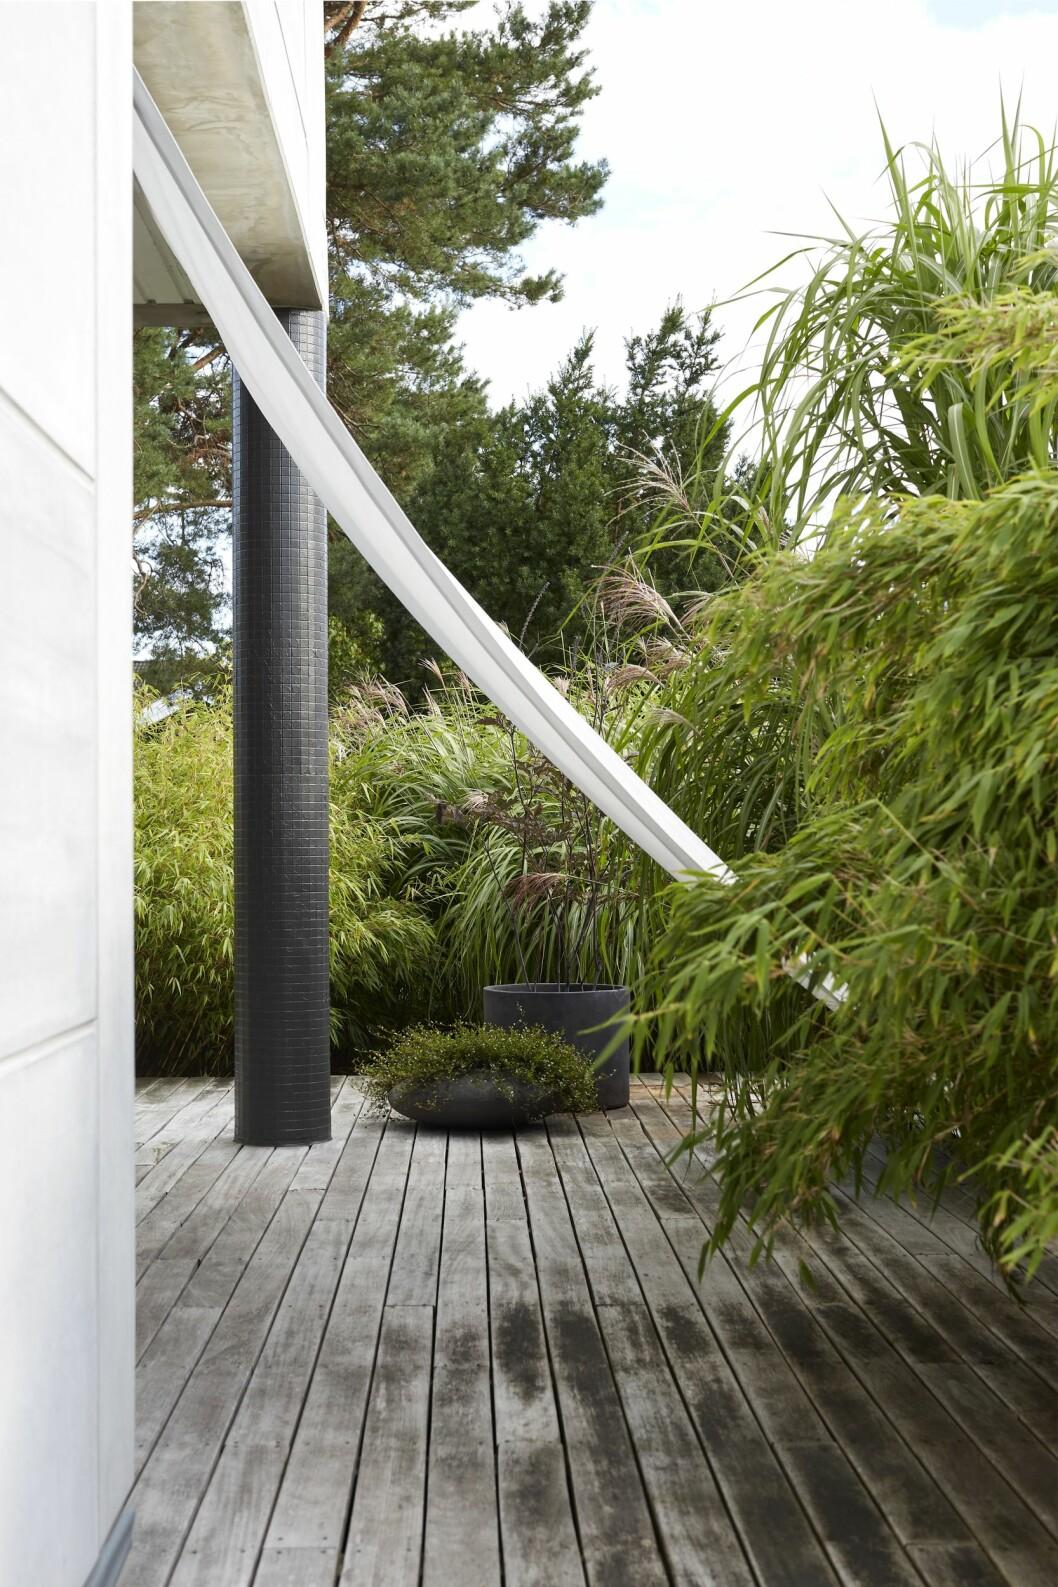 Segel i trädgården ger vind- och solskydd.